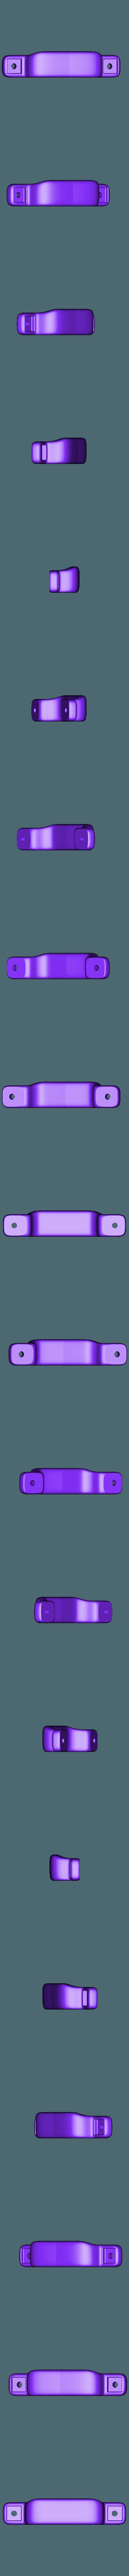 Poignee v2.stl Télécharger fichier STL gratuit Poignée à deux fixations • Objet pour impression 3D, gcarali